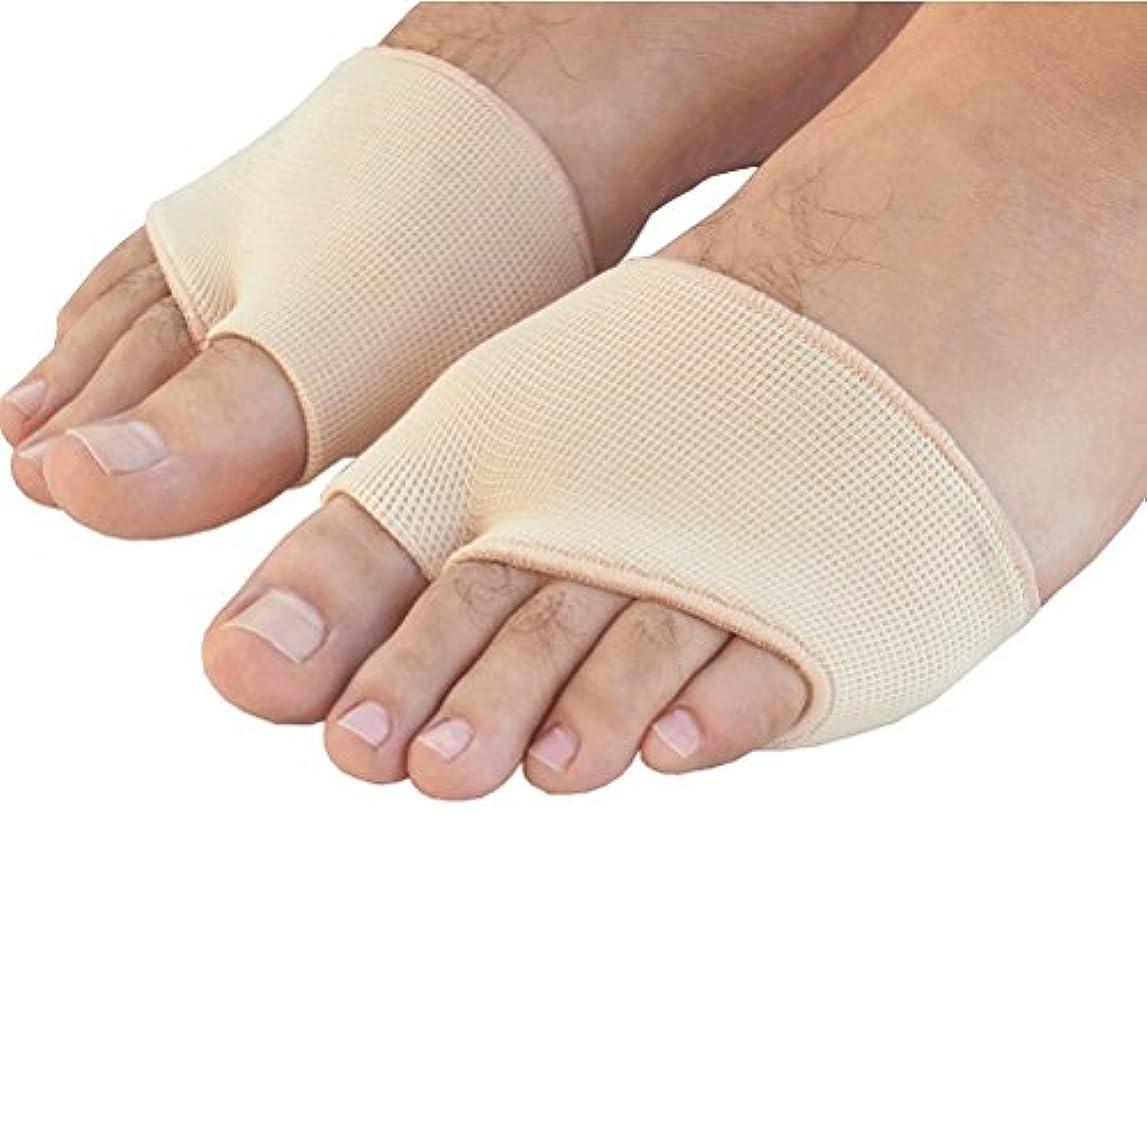 販売員ラボ人に関する限りROSENICE ゲル前足中足骨の痛み救済吸収クッション パッド 足底筋膜炎インソール 衝撃吸収 サイズS(肌の色)